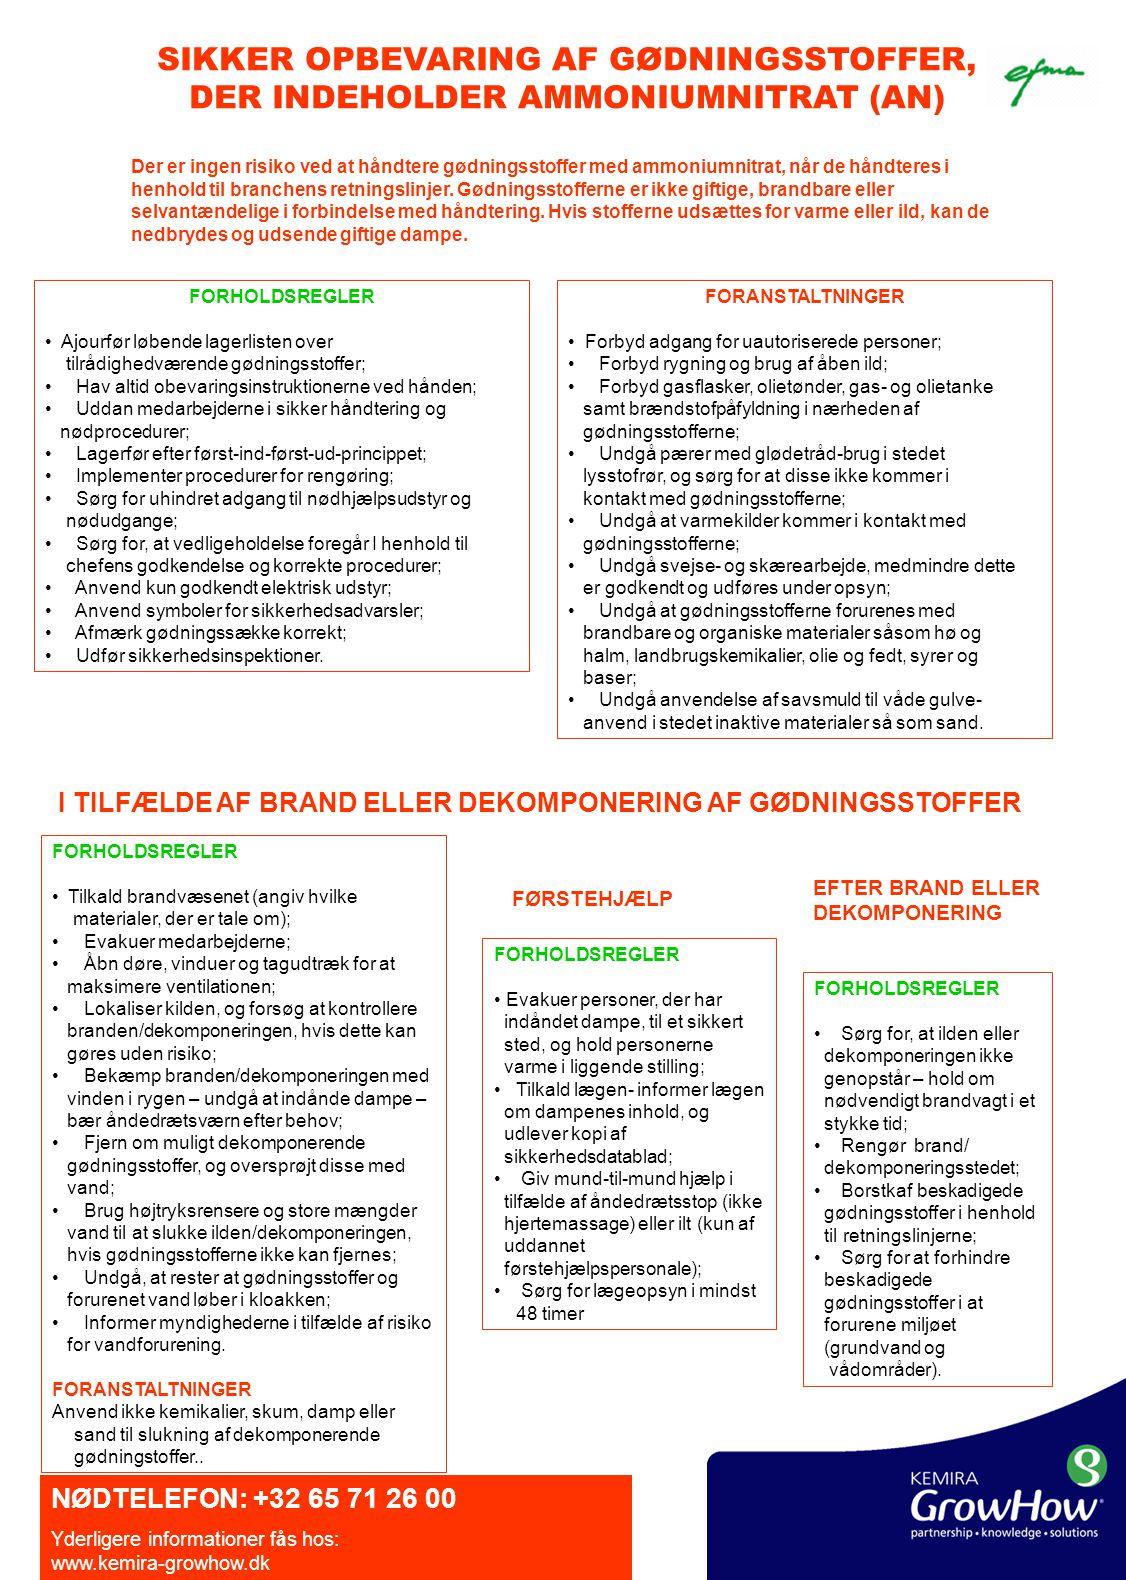 SIKKER OPBEVARING AF GØDNINGSSTOFFER, DER INDEHOLDER AMMONIUMNITRAT (AN) Der er ingen risiko ved at håndtere gødningsstoffer med ammoniumnitrat, når de håndteres i henhold til branchens retningslinjer.